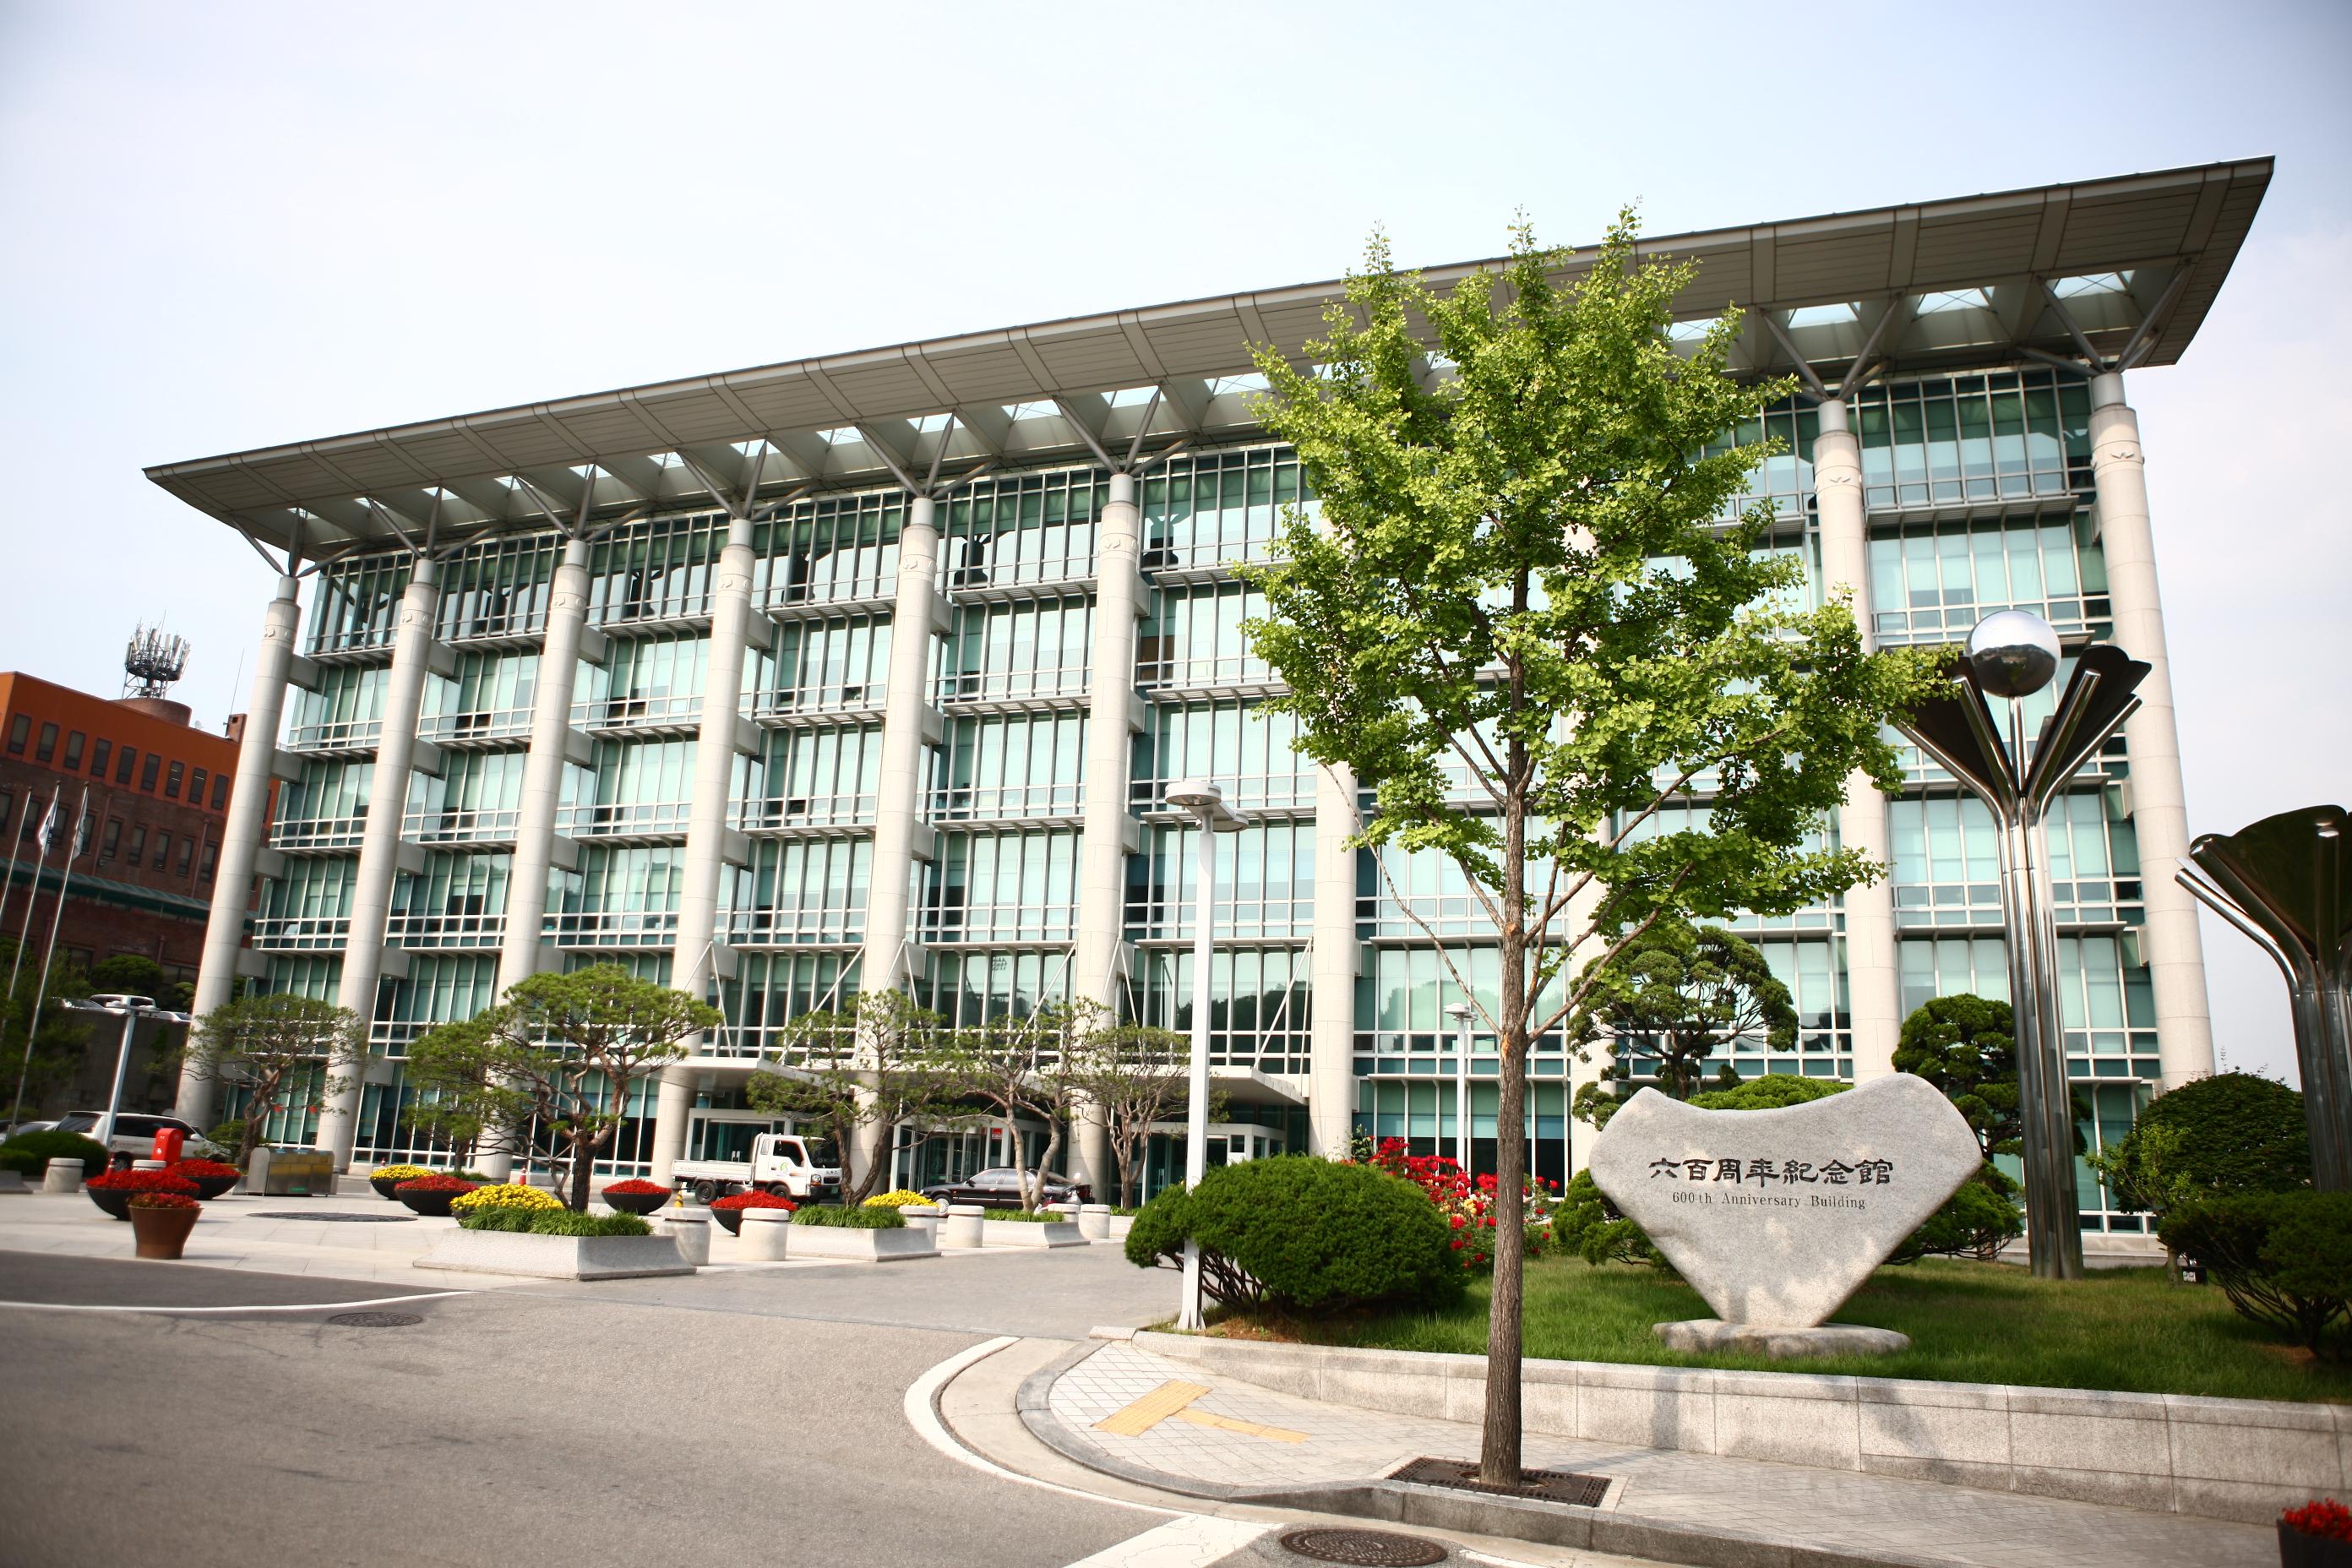 มหาวิทยาลัยซองคยูนกวาน